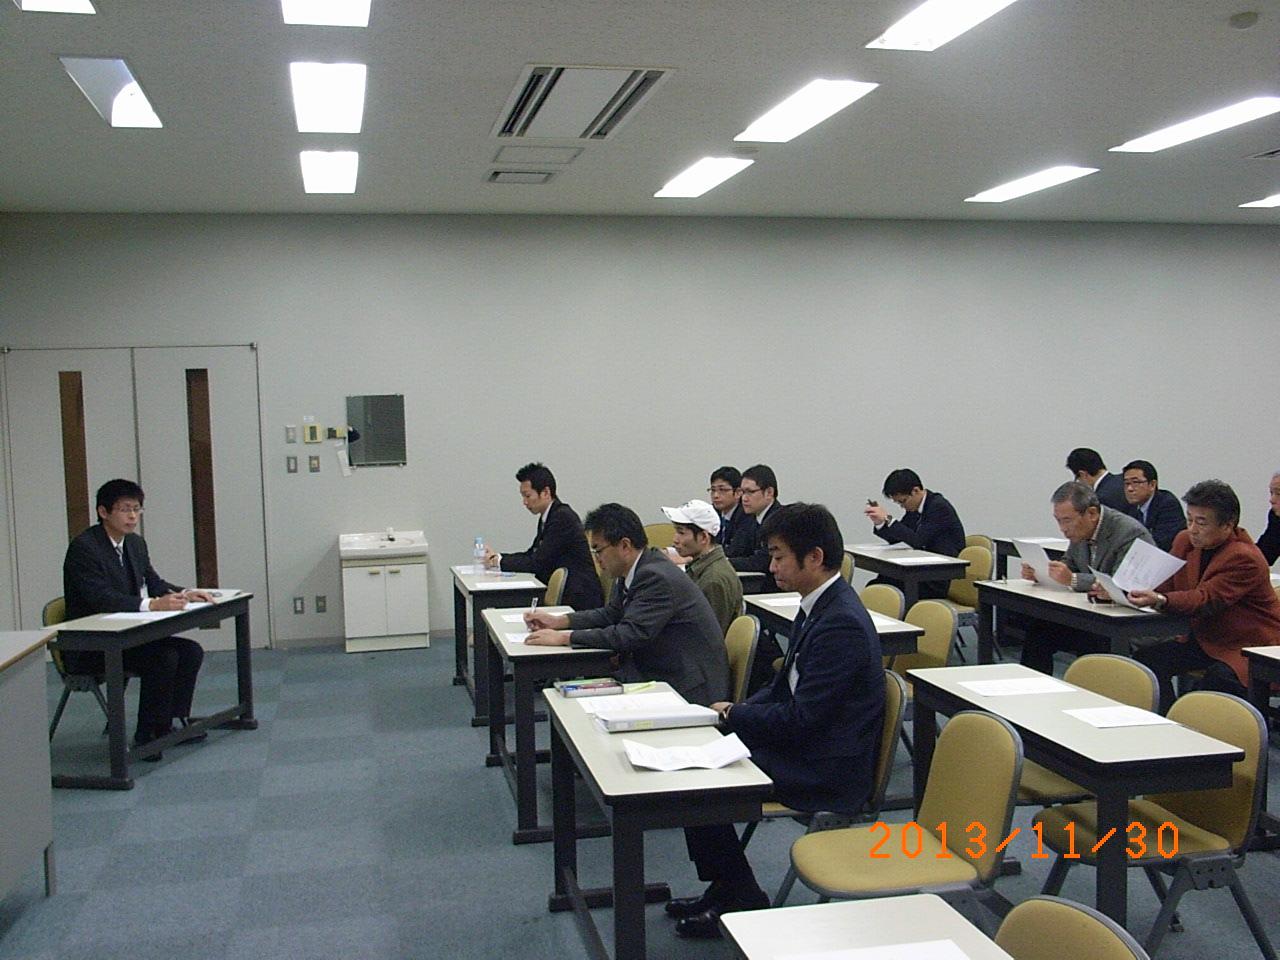 平成25年11月30日(土)北九州支部総会・懇親会_f0184133_14505693.jpg